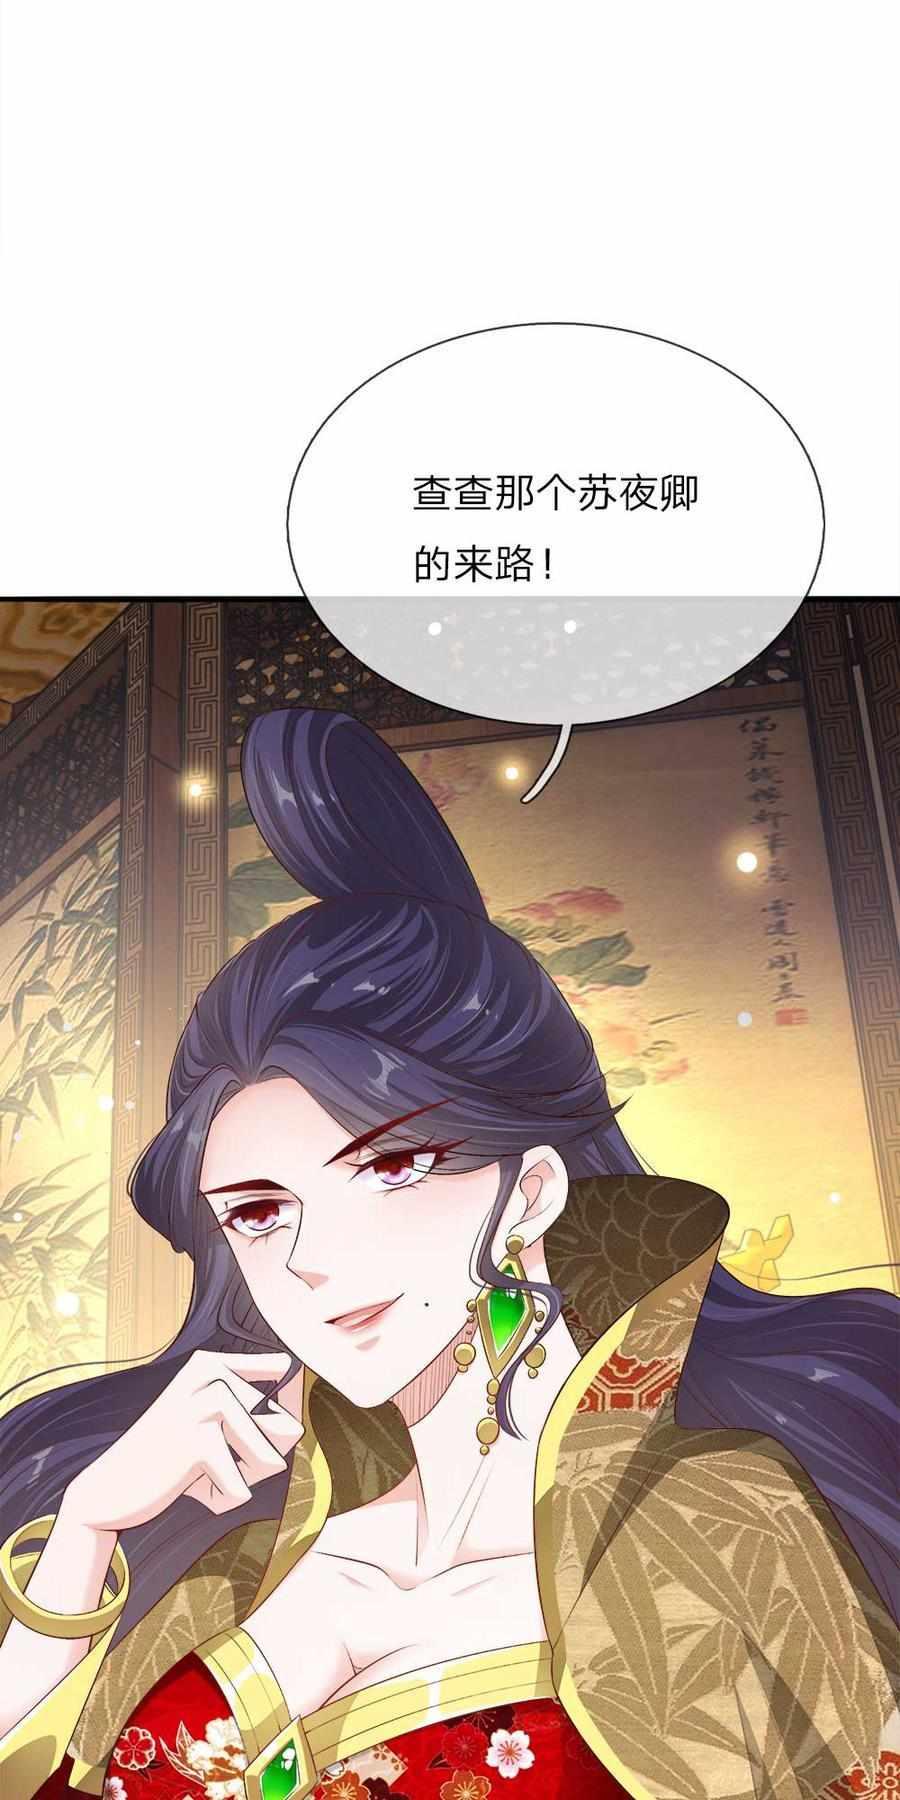 温柔暴君:摄政王爷太凶猛第17话  第17话 后母们的茶会 第 18